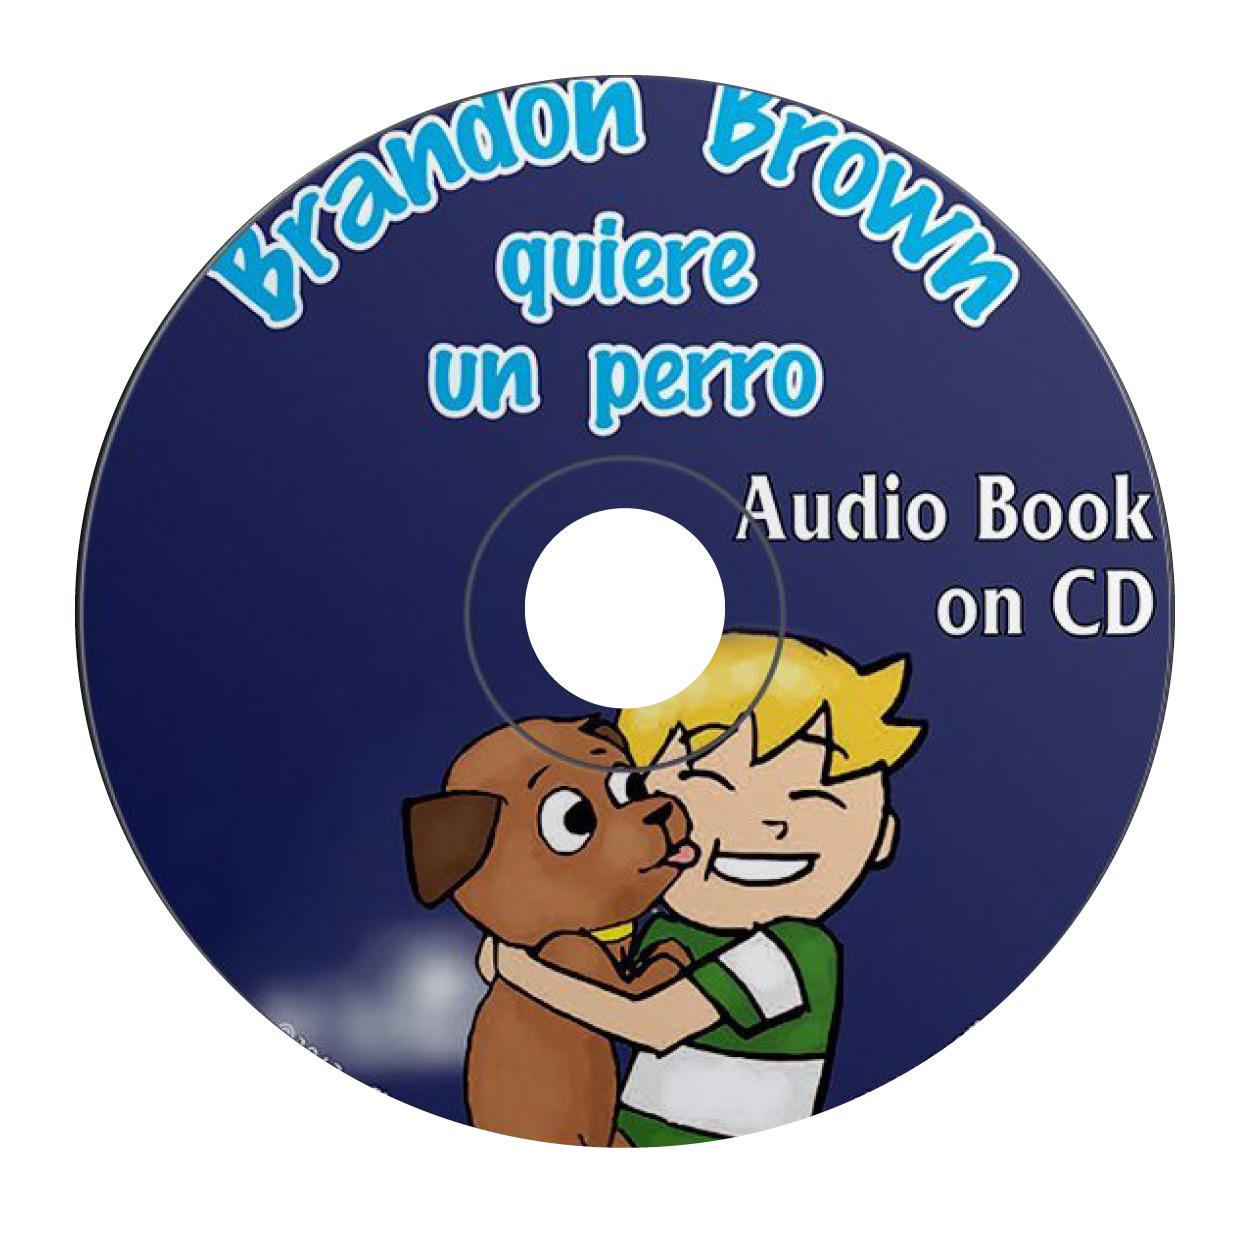 Brandon Brown quiere un perro - Luisterboek